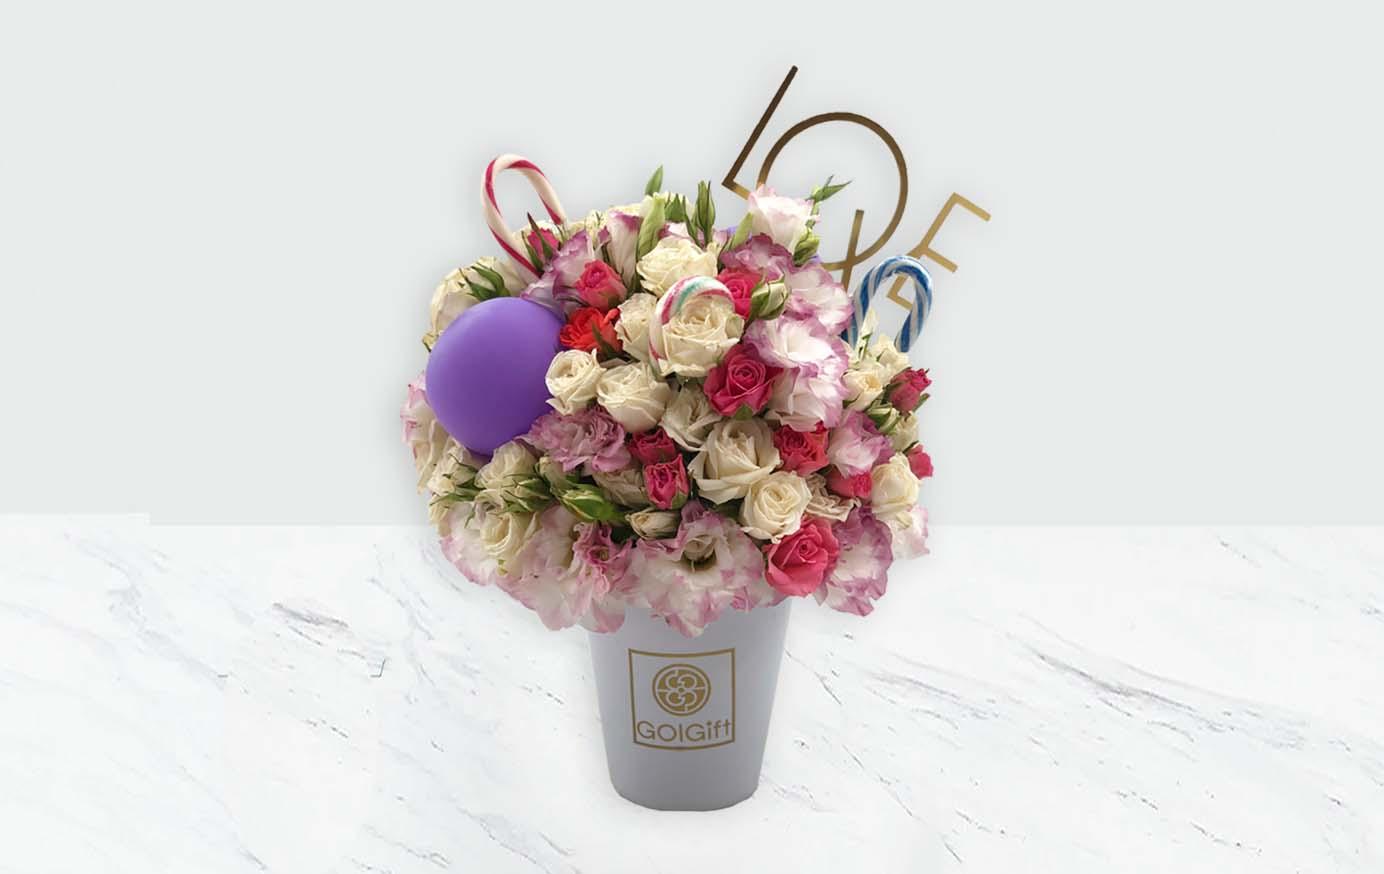 باکس سفید گل رز مینیاتوری عشق